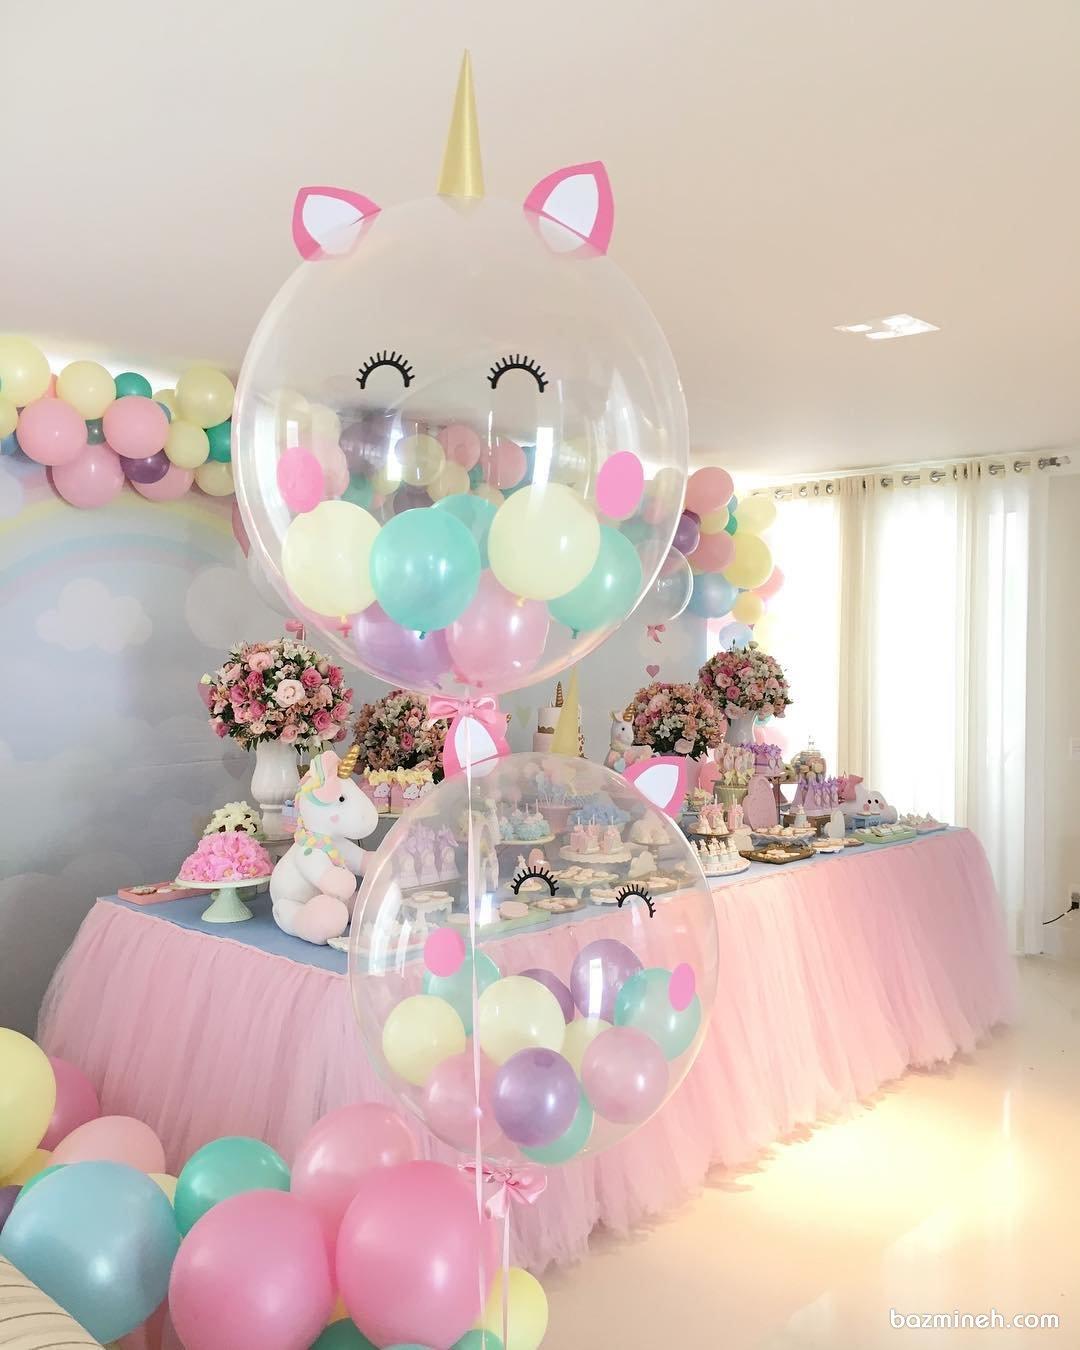 دکوراسیون و بادکنک آرایی فانتزی جشن تولد دخترونه با تم یونیکورن (Unicorn)